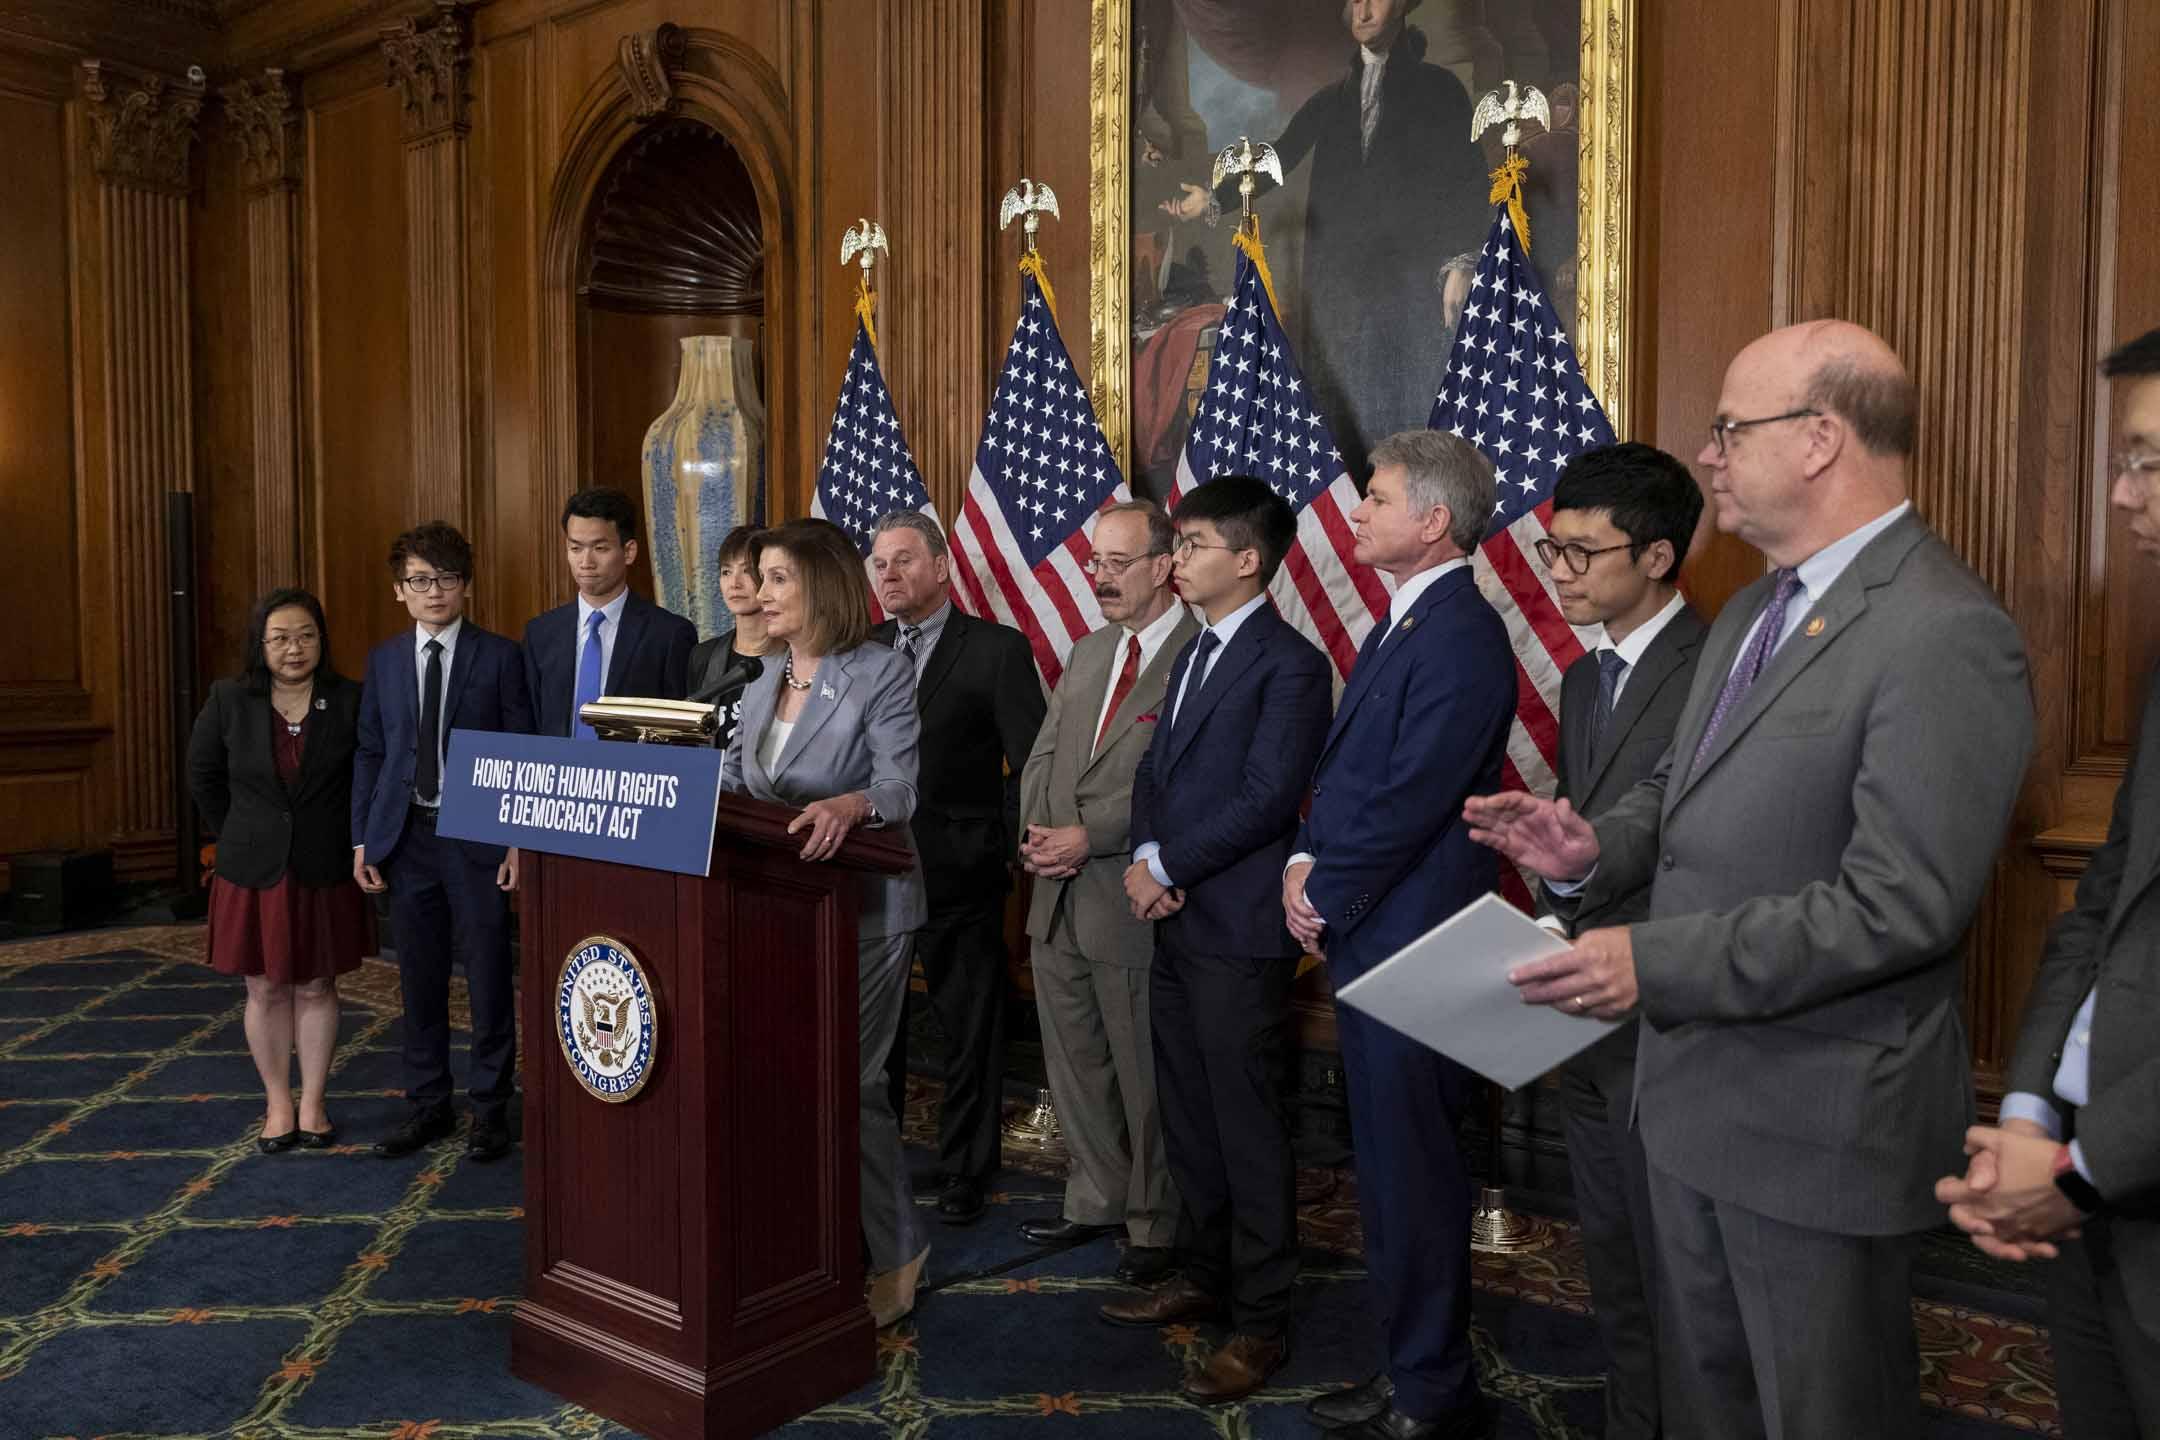 美國眾議院議長佩洛西(Nancy Pelosi)9月在華盛頓召開《香港人權與民主法案》發布會,楊錦霞、敖卓軒、朱牧民、黃之鋒、羅冠聰等人在場。